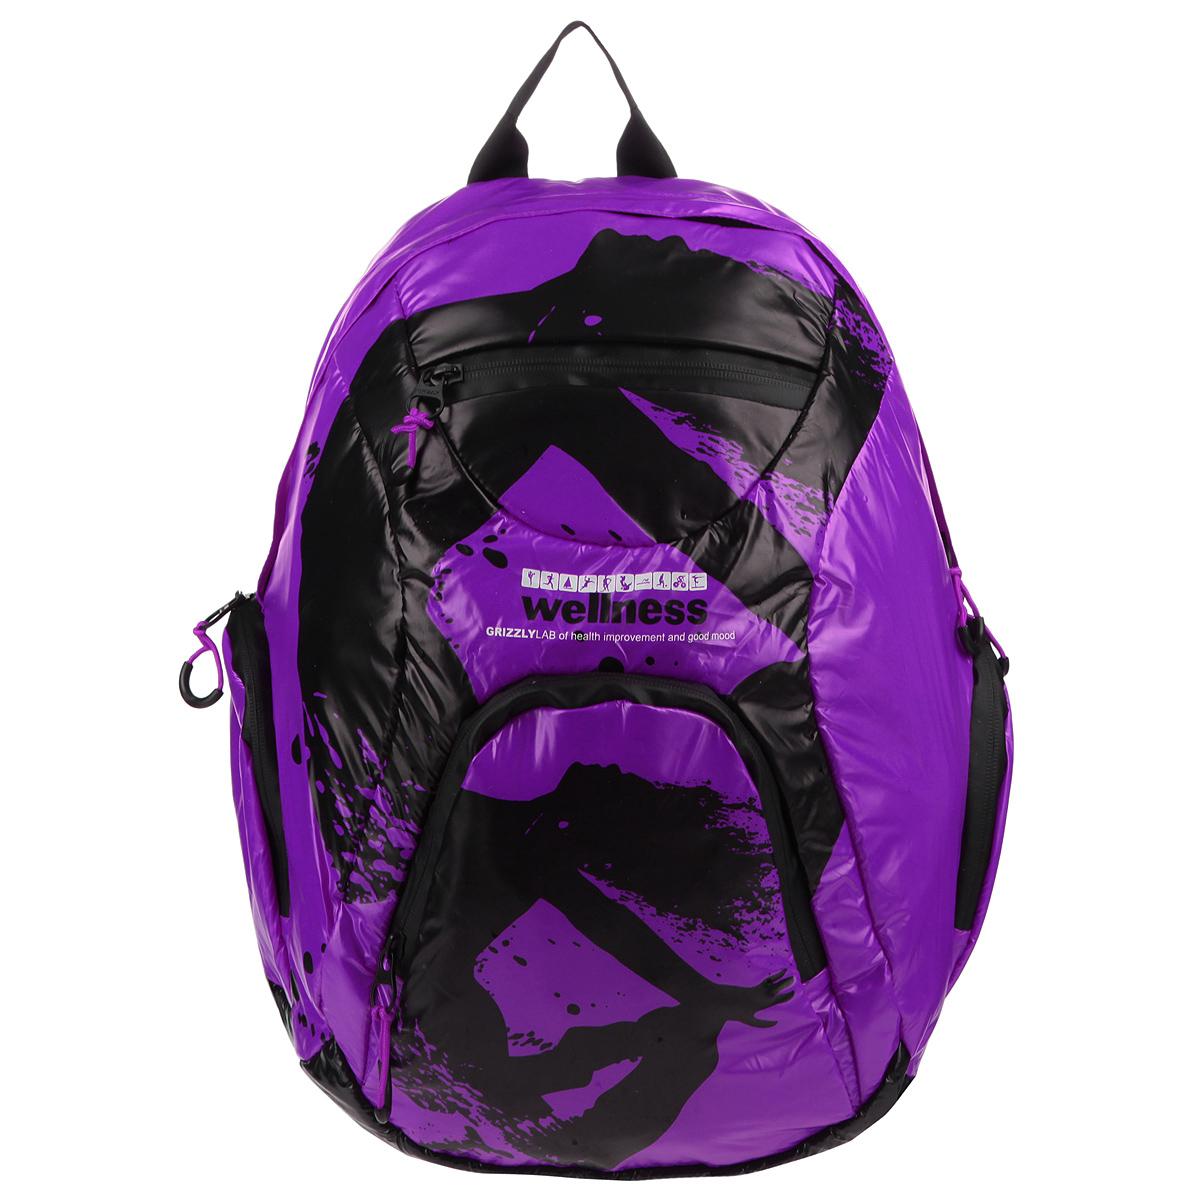 Рюкзак городской Grizzly, цвет: фиолетовый, черный. RD-418-1/4RD-418-1/4Стильный рюкзак Grizzly выполнен из нейлона фиолетового цвета и оформлен черным оригинальным принтом. Рюкзак имеет одно отделение, закрывающееся на застежку-молнию с двумя бегунками. Внутри отделения имеется большой врезной карман на молнии. На лицевой стороне расположены врезной и накладной карманы, так же на молнии. Внутри накладного кармана имеются открытый карман и карман-сетка на молнии. По бокам рюкзак снабжен двумя накладными кармашками на молнии. Рюкзак оснащен плечевыми лямками регулируемой длины из нейлона и короткой ручкой. Стильный рюкзак эффектно дополнит ваш яркий образ.